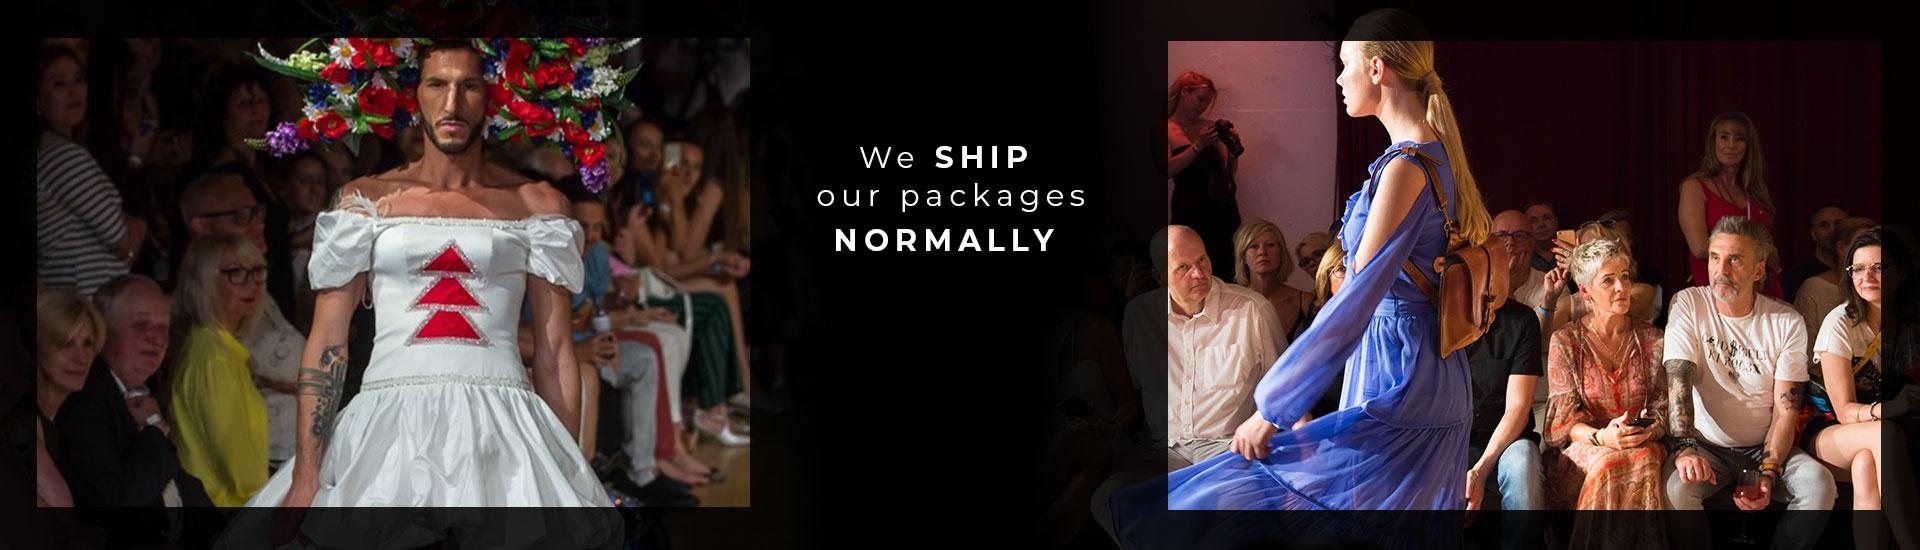 Schöne Tasche von Hand gefertigt, auf Bestellung in unserer Werkstatt. Besuchen Sie uns und überzeugen Sie sich selbst!